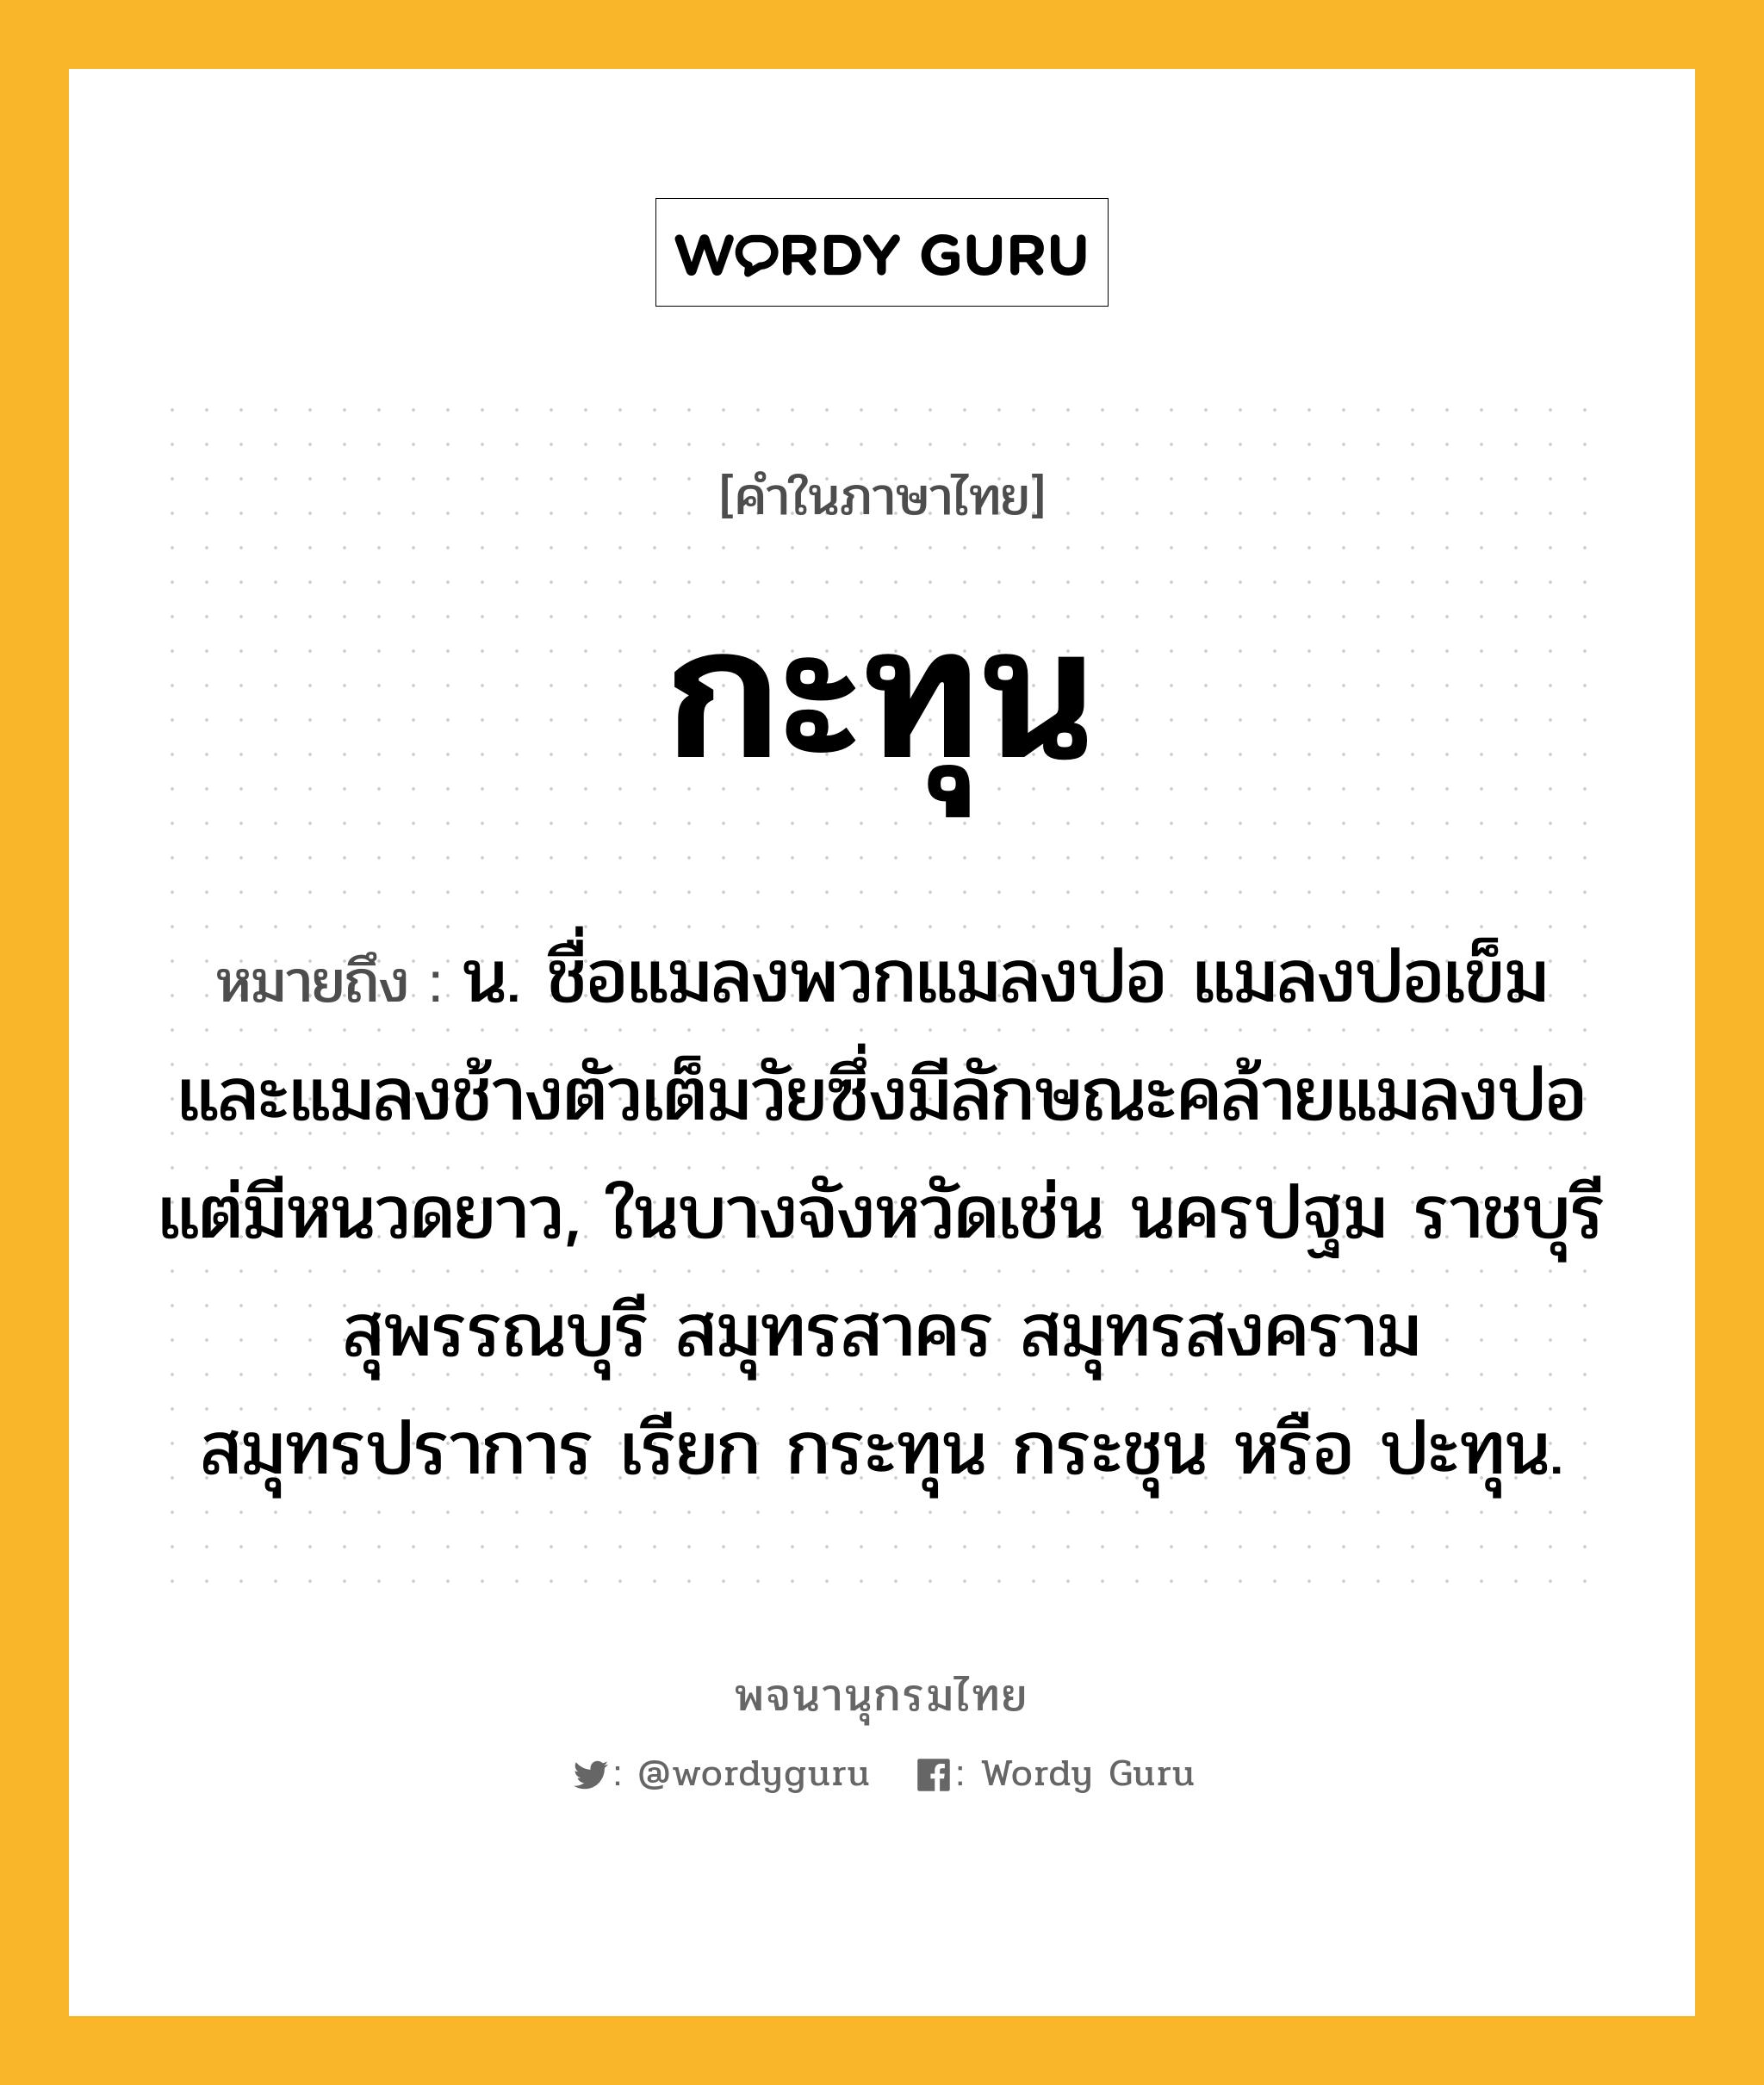 กะทุน หมายถึงอะไร? - พจนานุกรมไทย